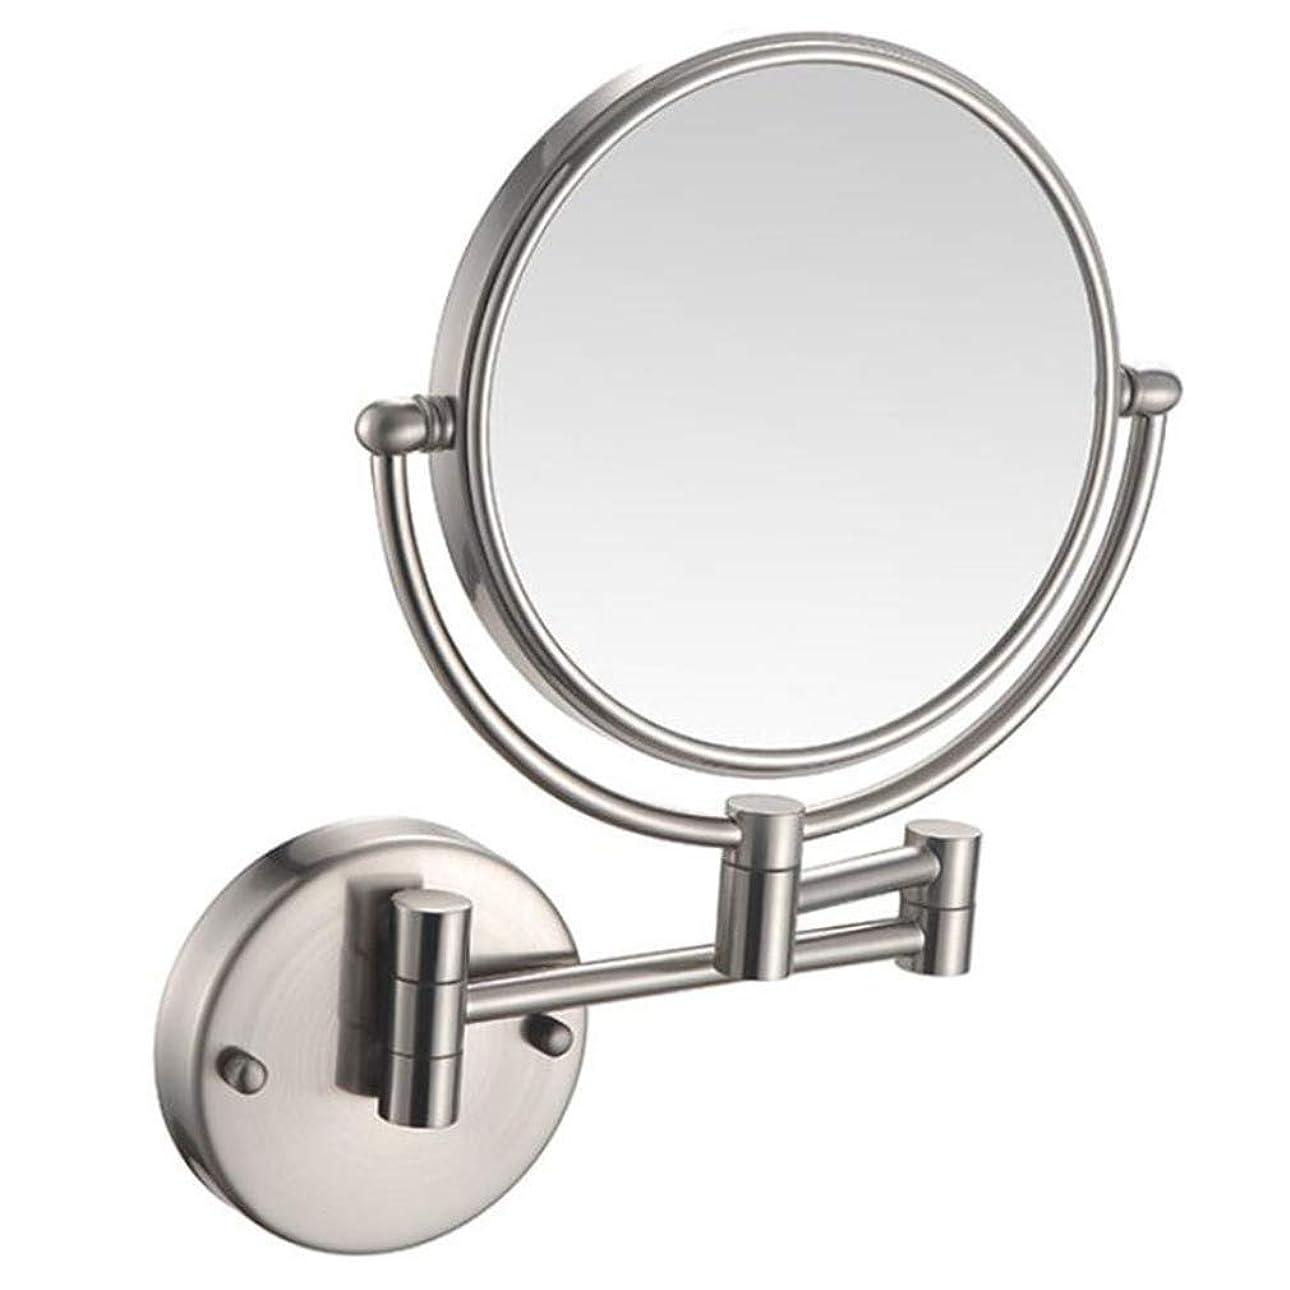 活性化する欲しいです放送HUYYA 化粧鏡、両面 壁掛け式 化粧ミラー複数倍率のバスルームミラー360 °回転 伸縮可能折り けメイクミラー 8インチ,Nickel_7x